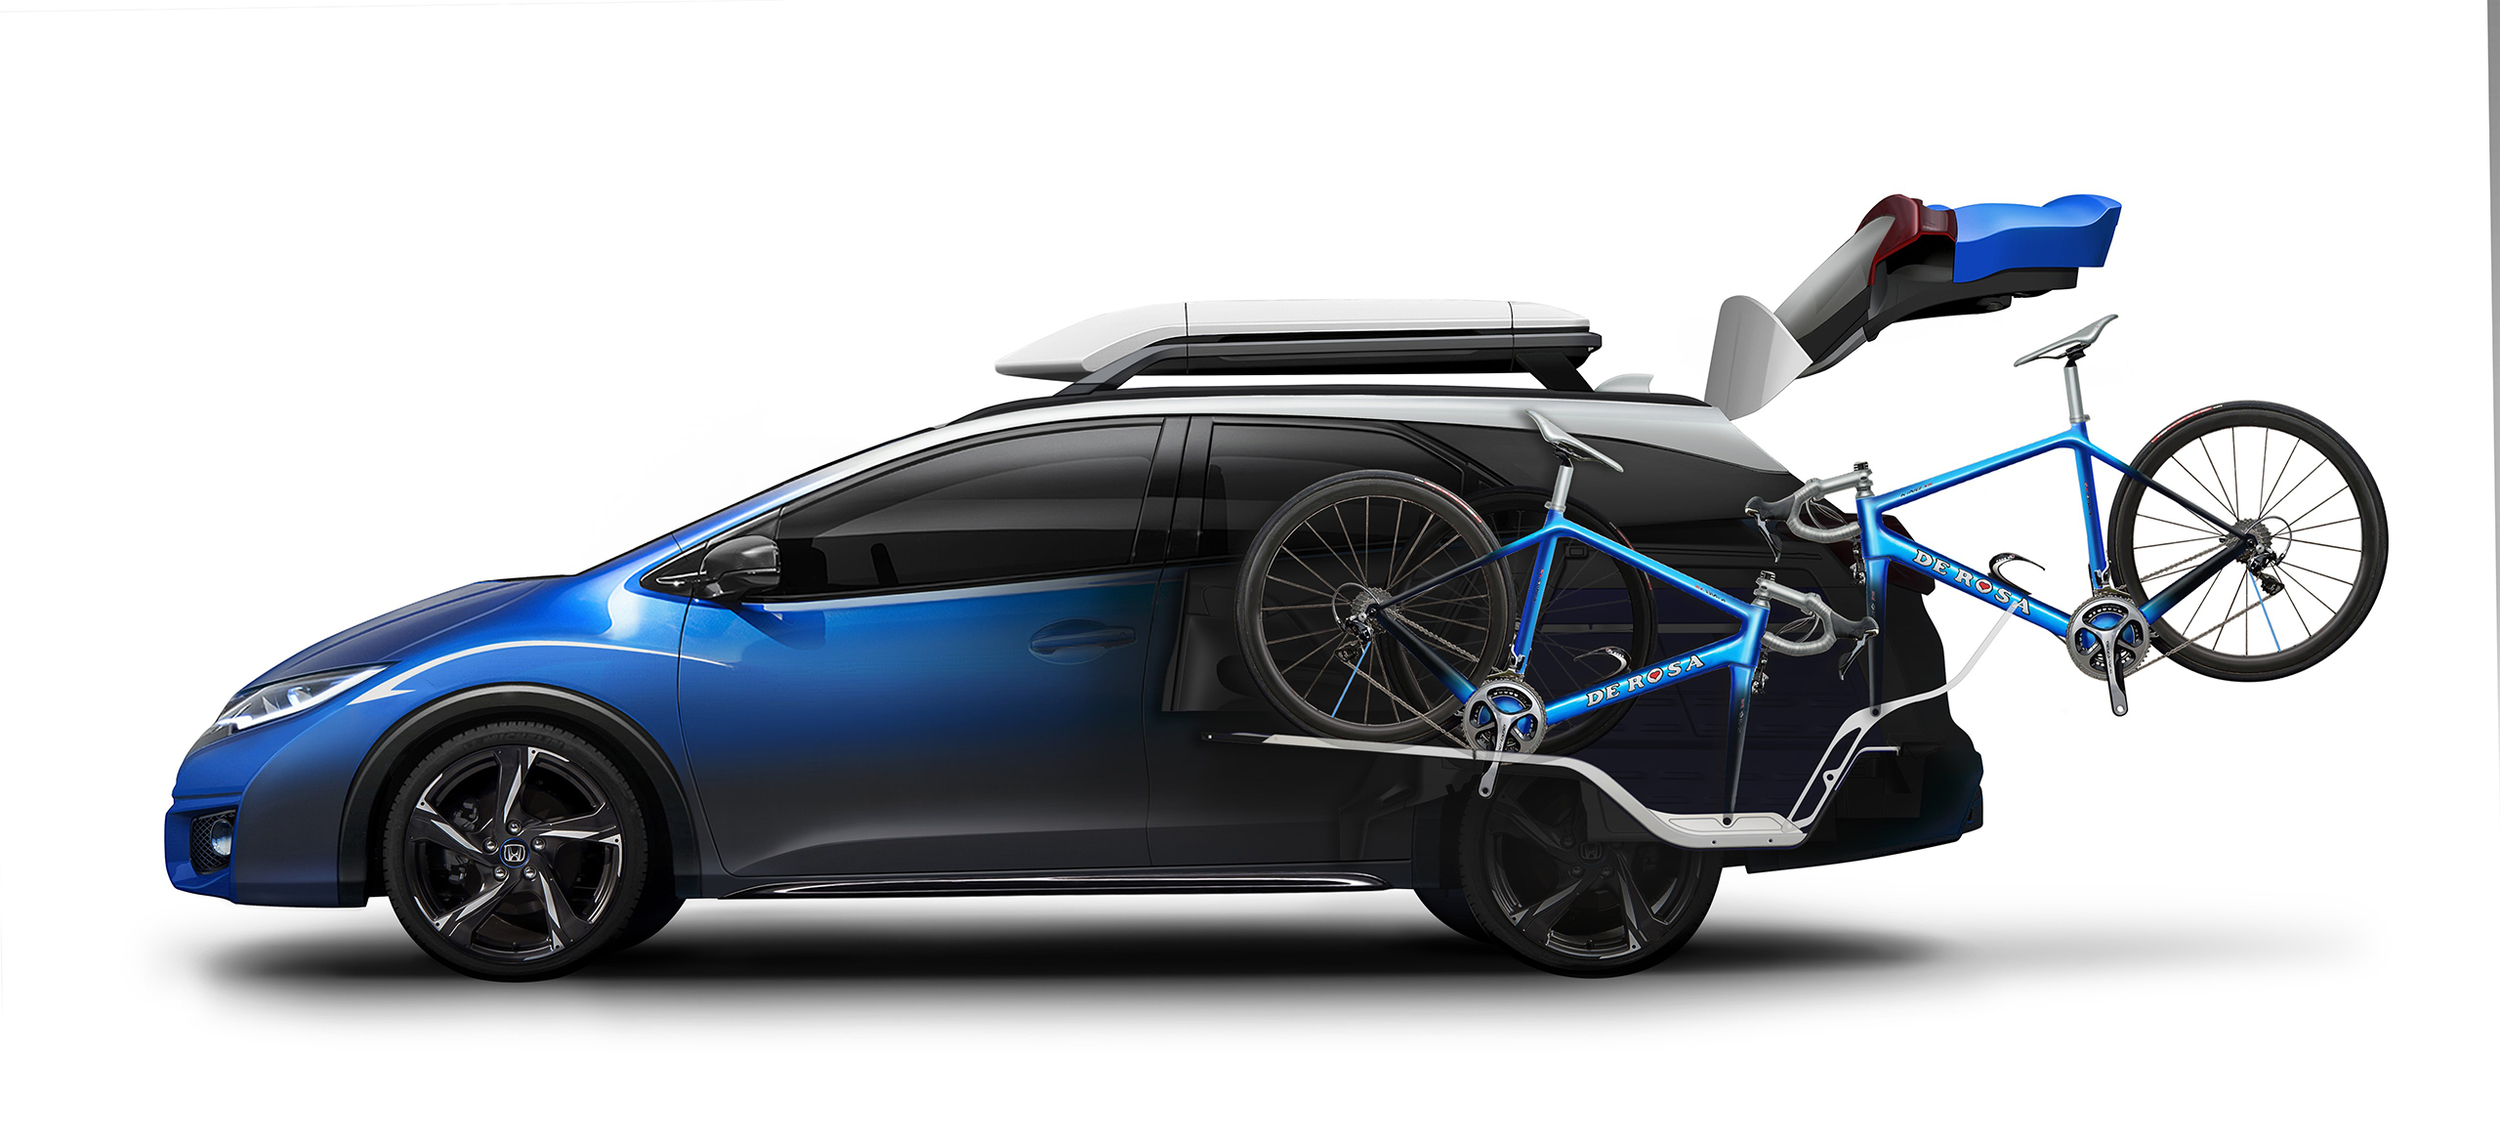 Honda unveils new Civic Tourer Active Life concept